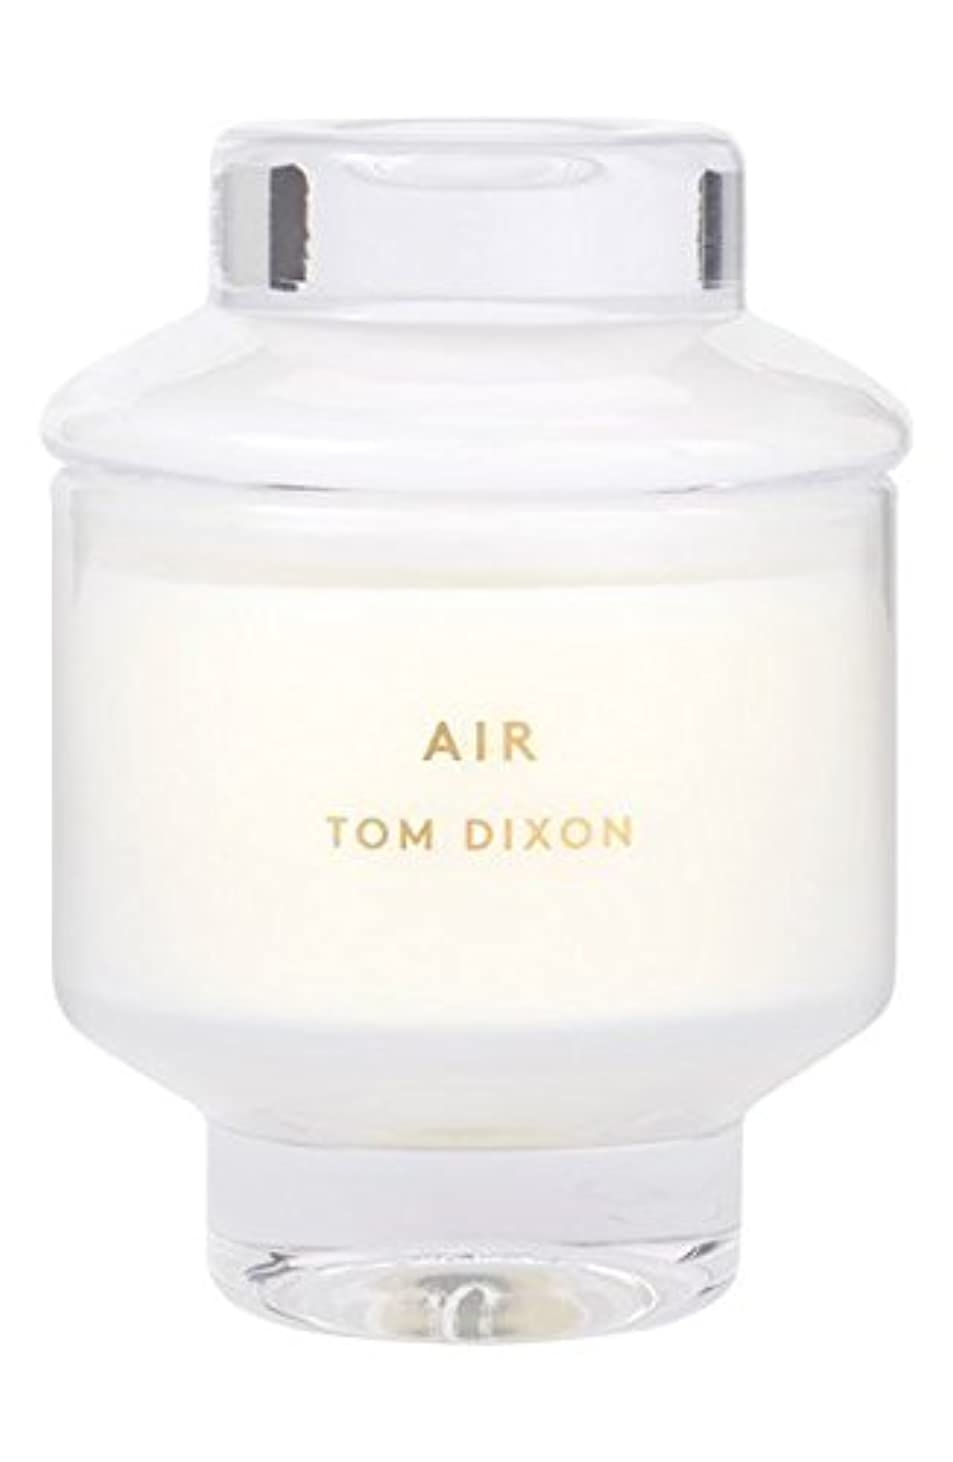 エクスタシーつづりテンションTom Dixon 'Air' Candle (トム ディクソン 'エアー' キャンドル小)Small